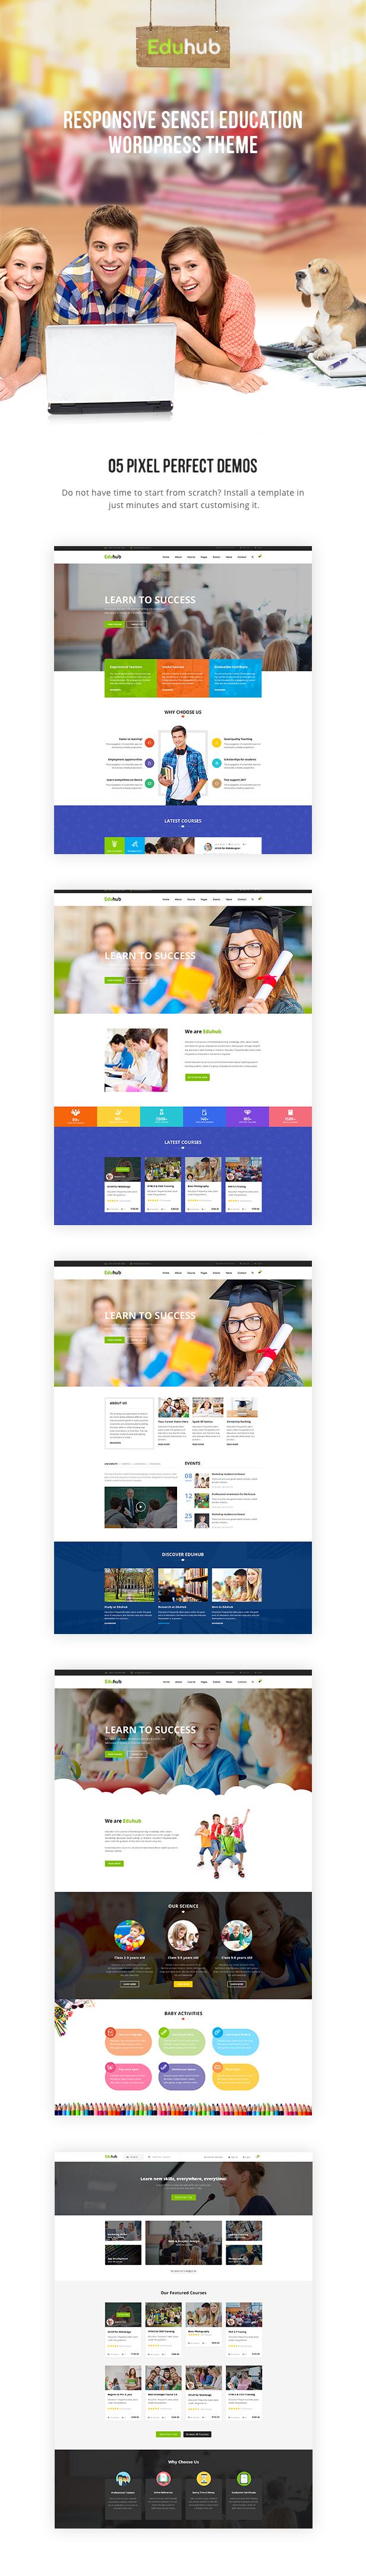 Eduhub - Responsive Sensei Education WordPress Theme - 3